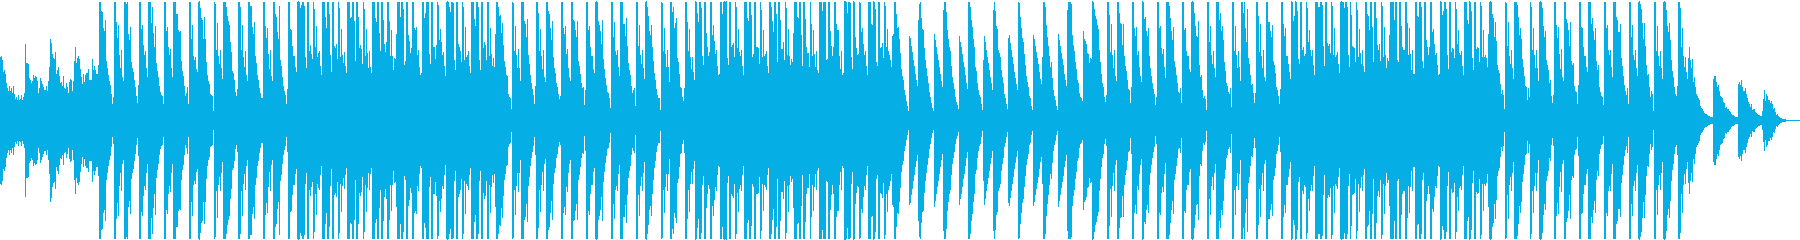 病的・猟奇的なトラップビートの再生済みの波形